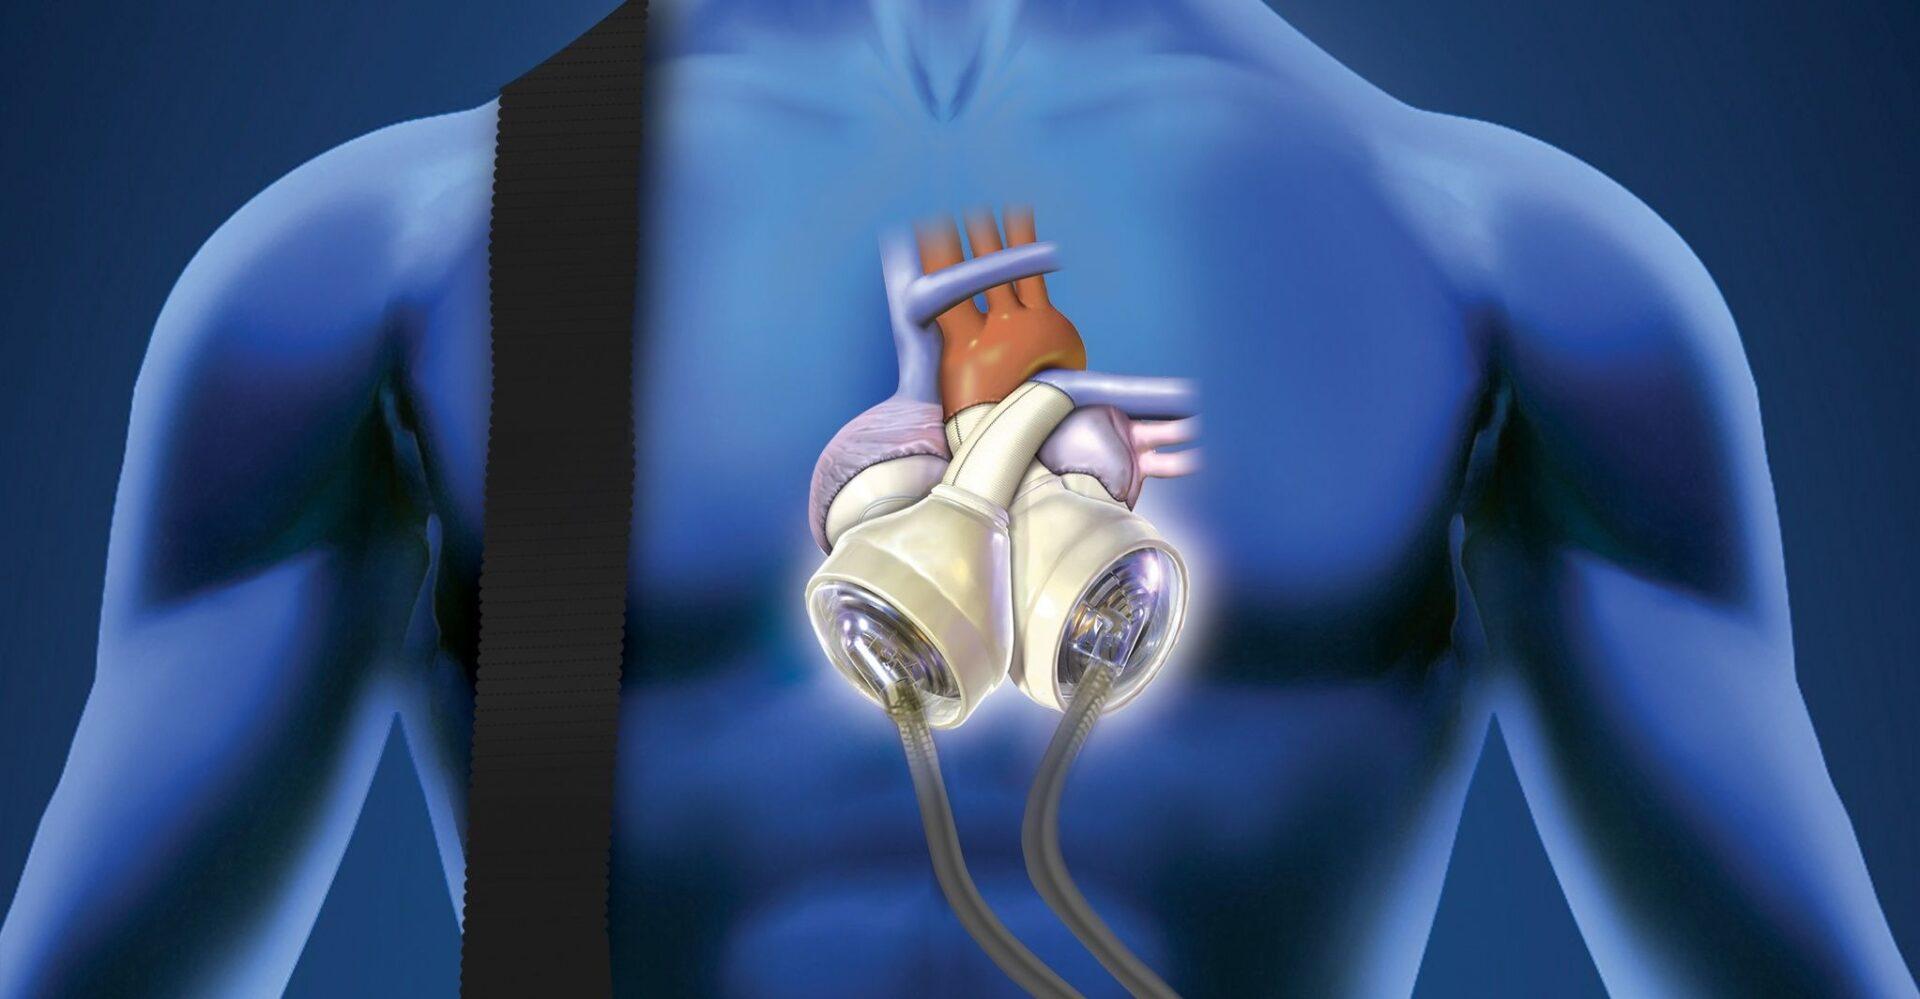 Ученые проводят клинические испытания искусственного сердца